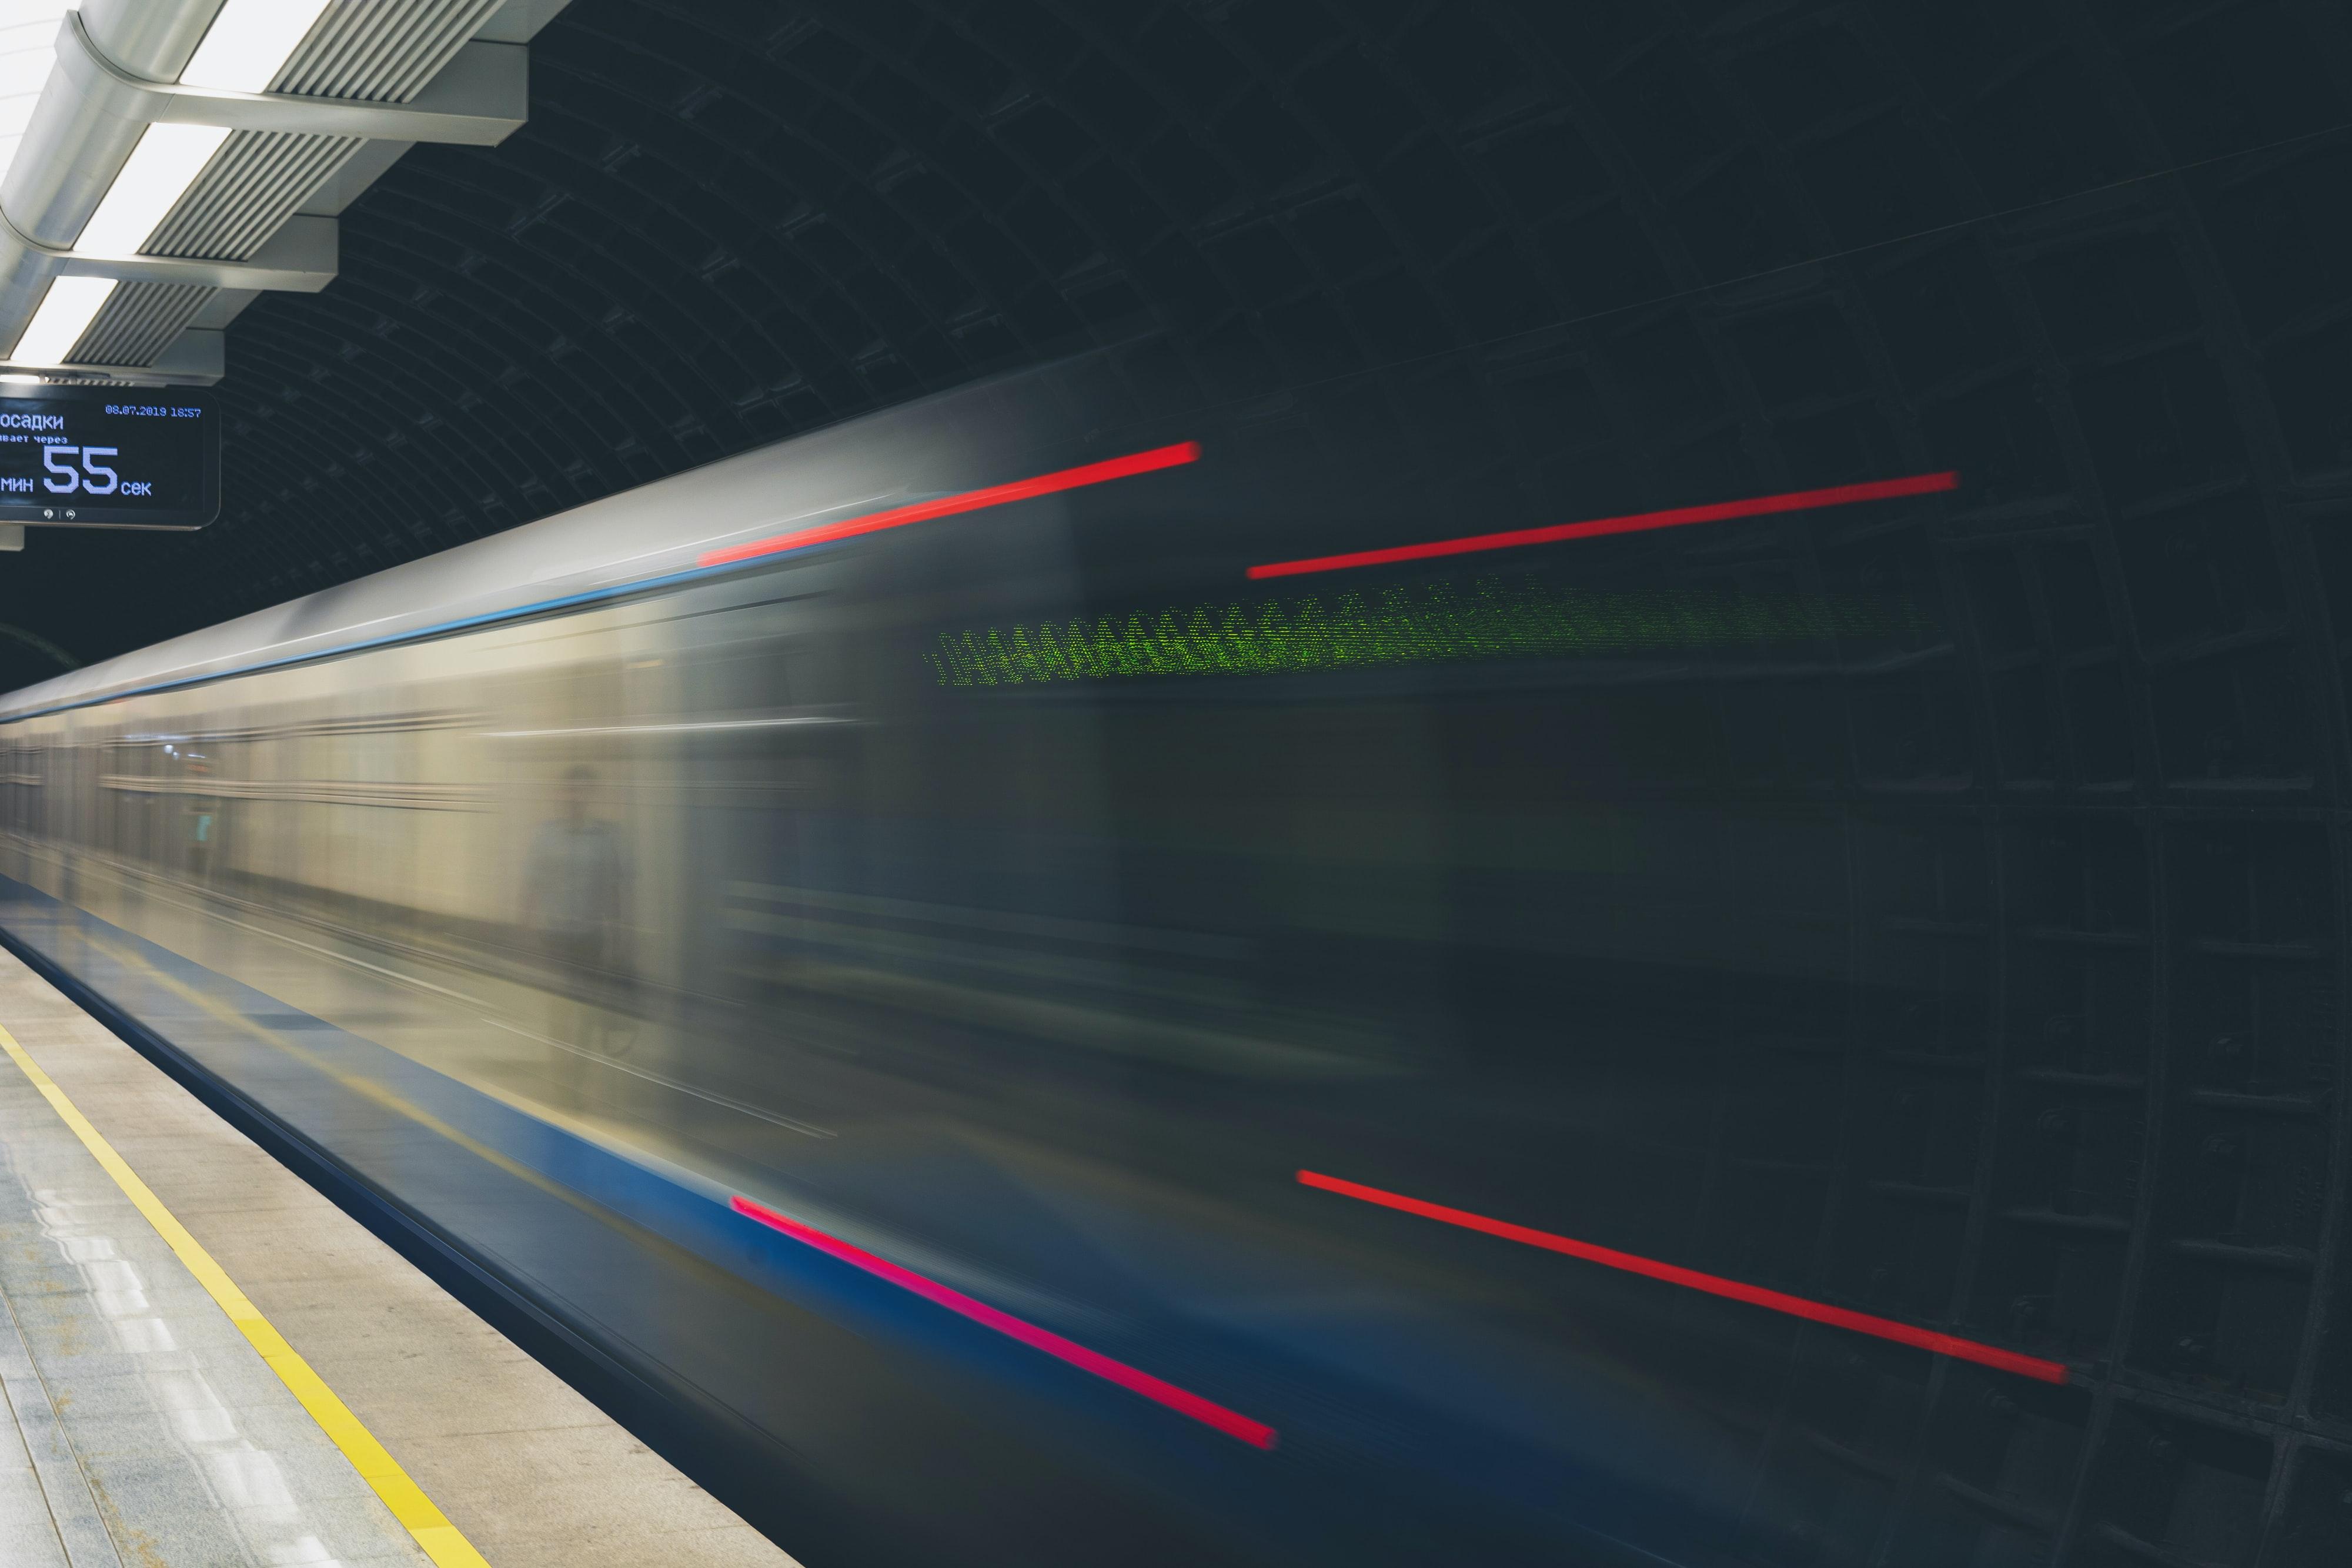 В московском метро установили голографические экраны